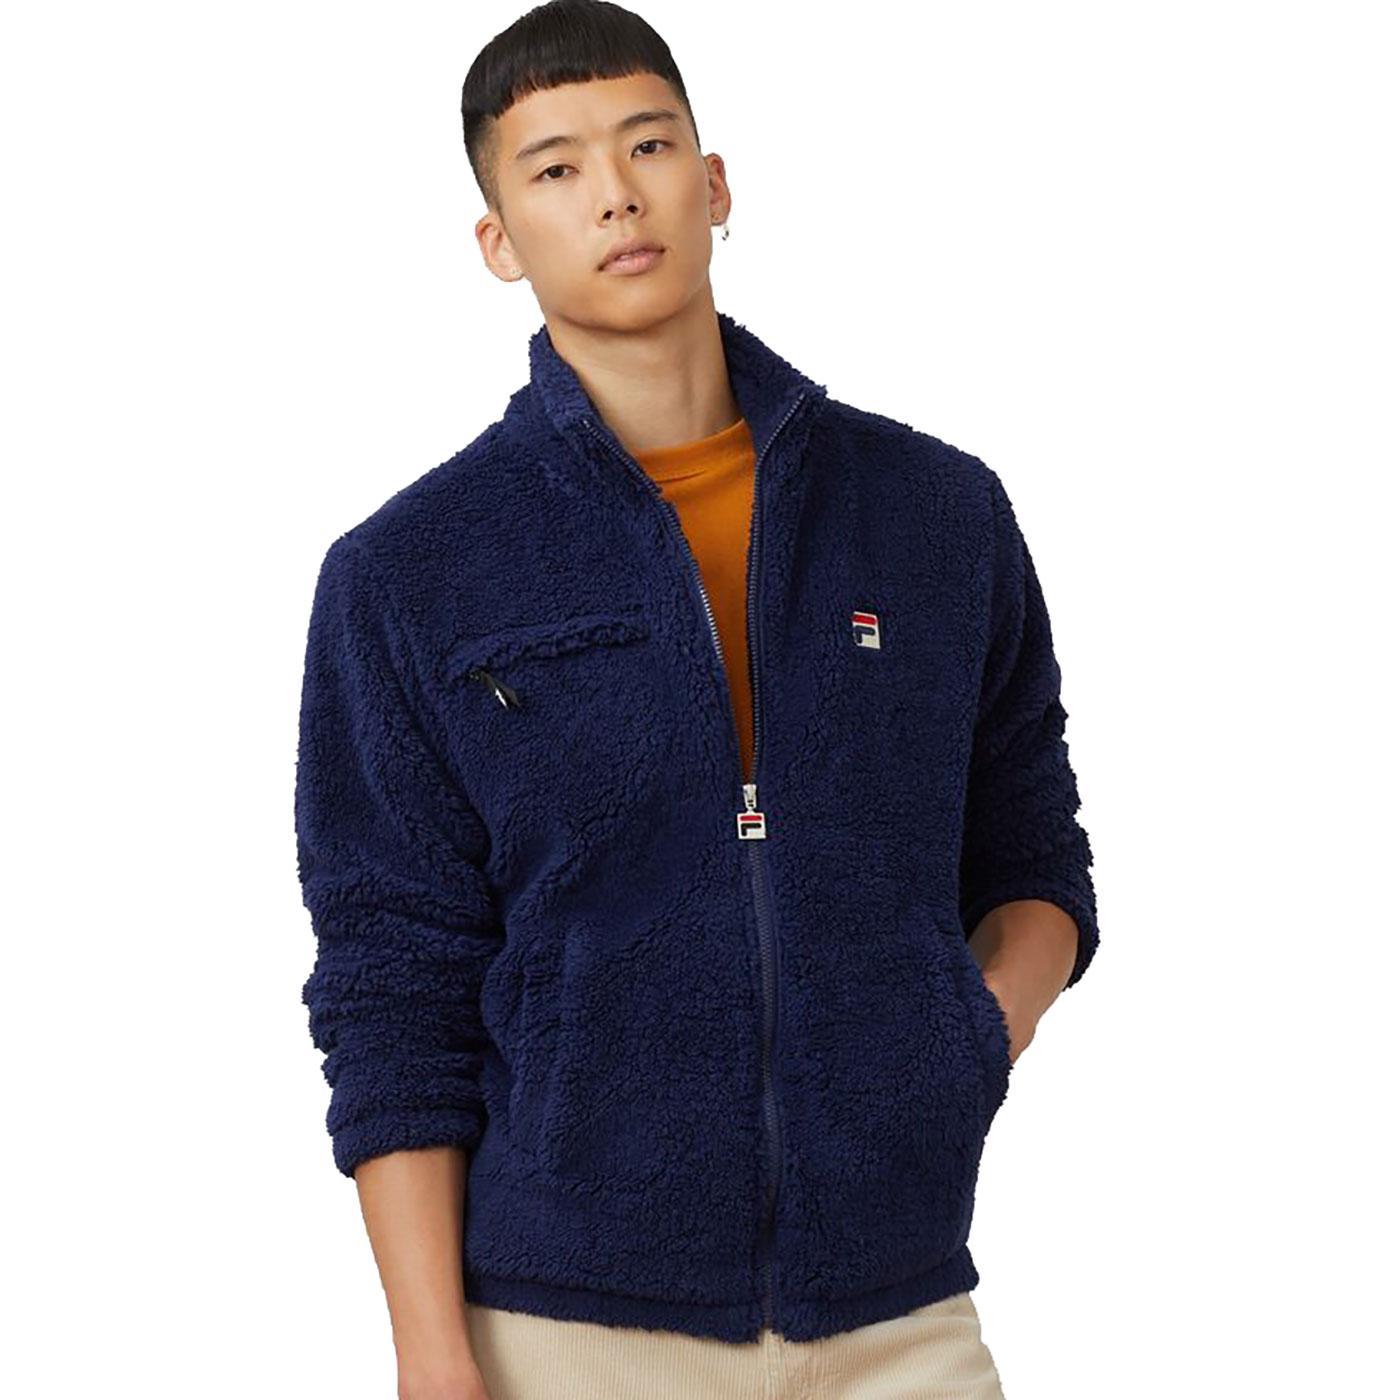 Bridgewater FILA VINTAGE Mens Zip Up Fleece Jacket